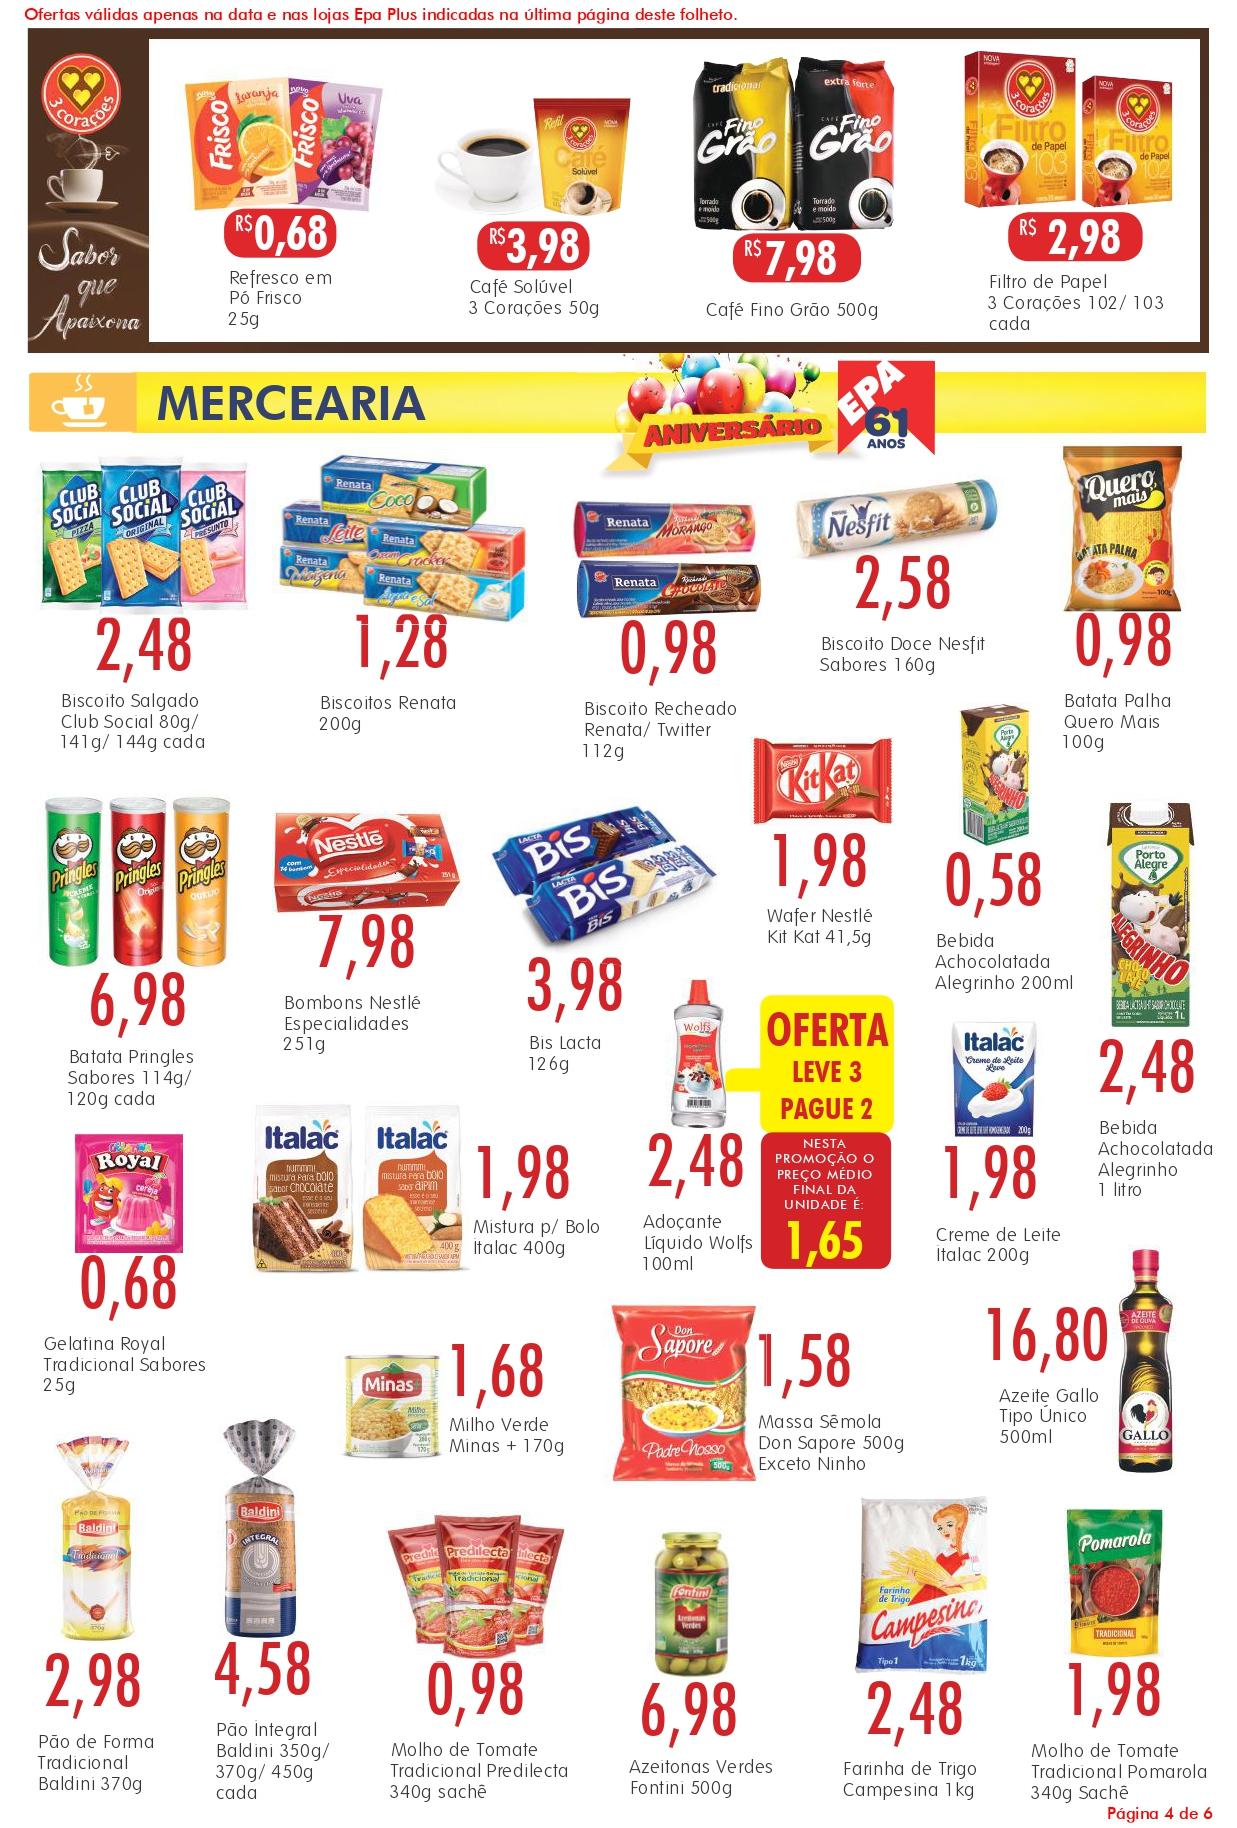 Folheto Epa Vale do Mucuri e Vale do Rio Doce 14/10/20 04